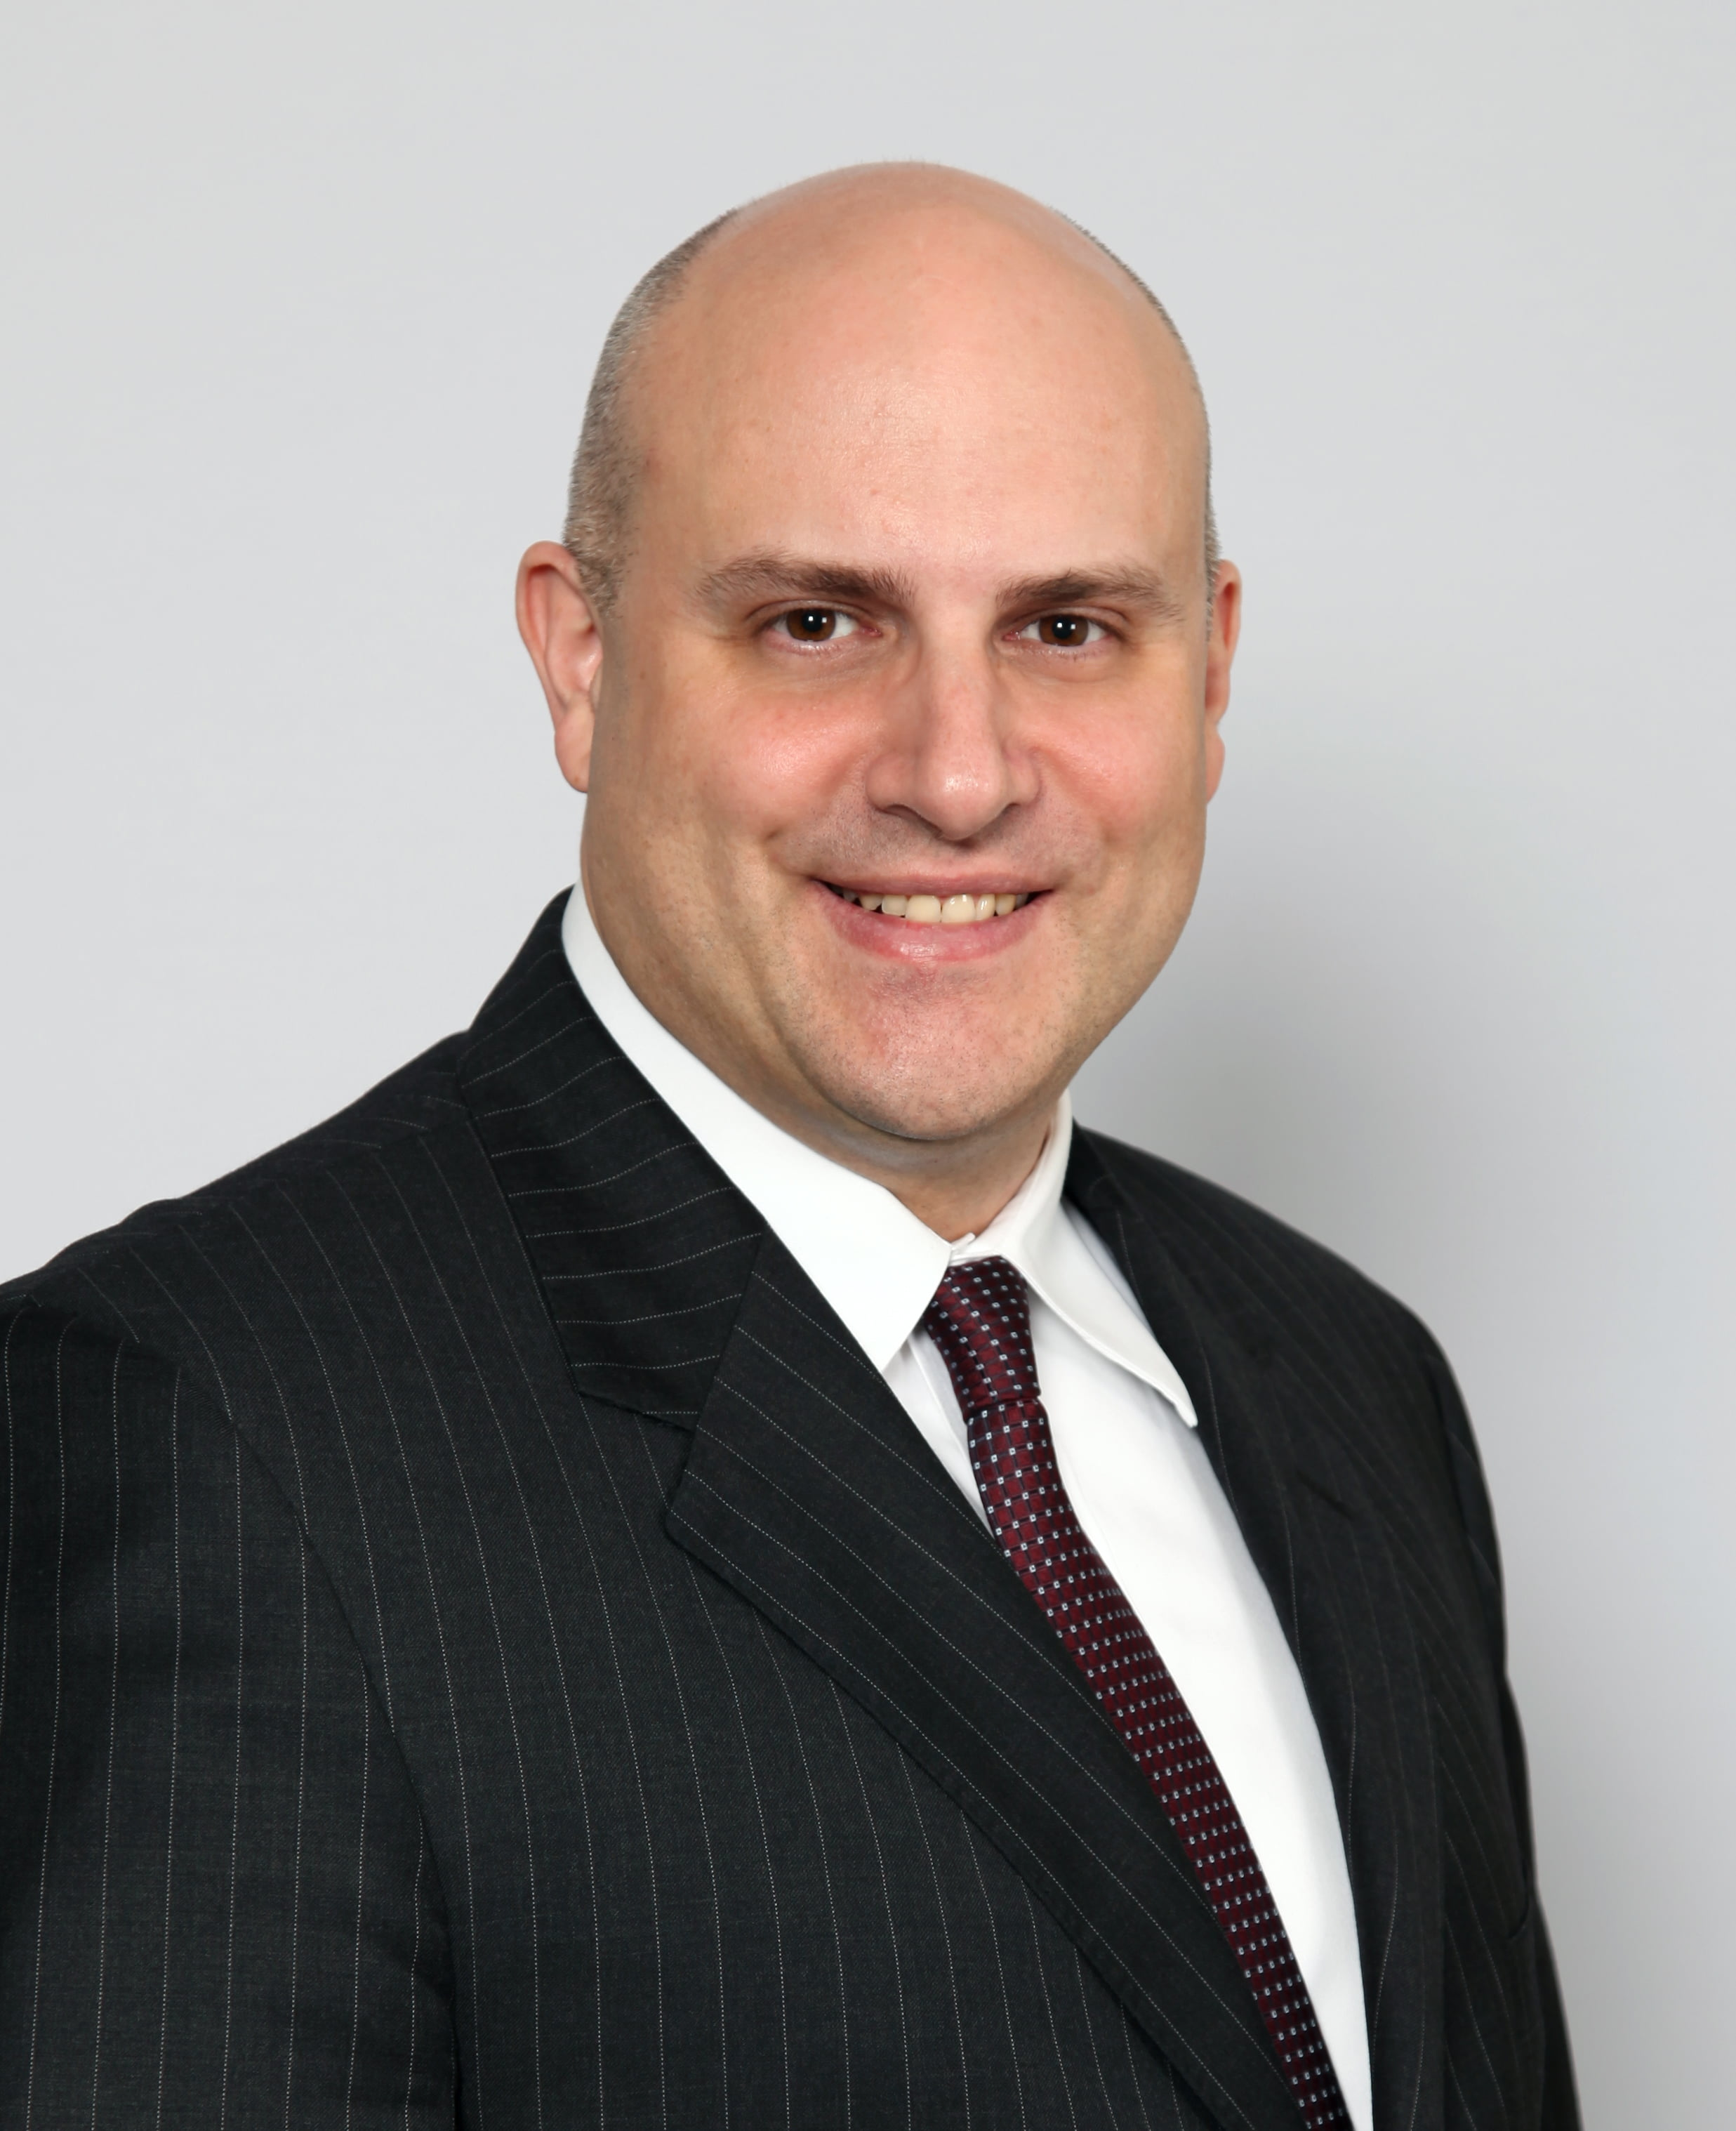 Tony Orsi Headshot